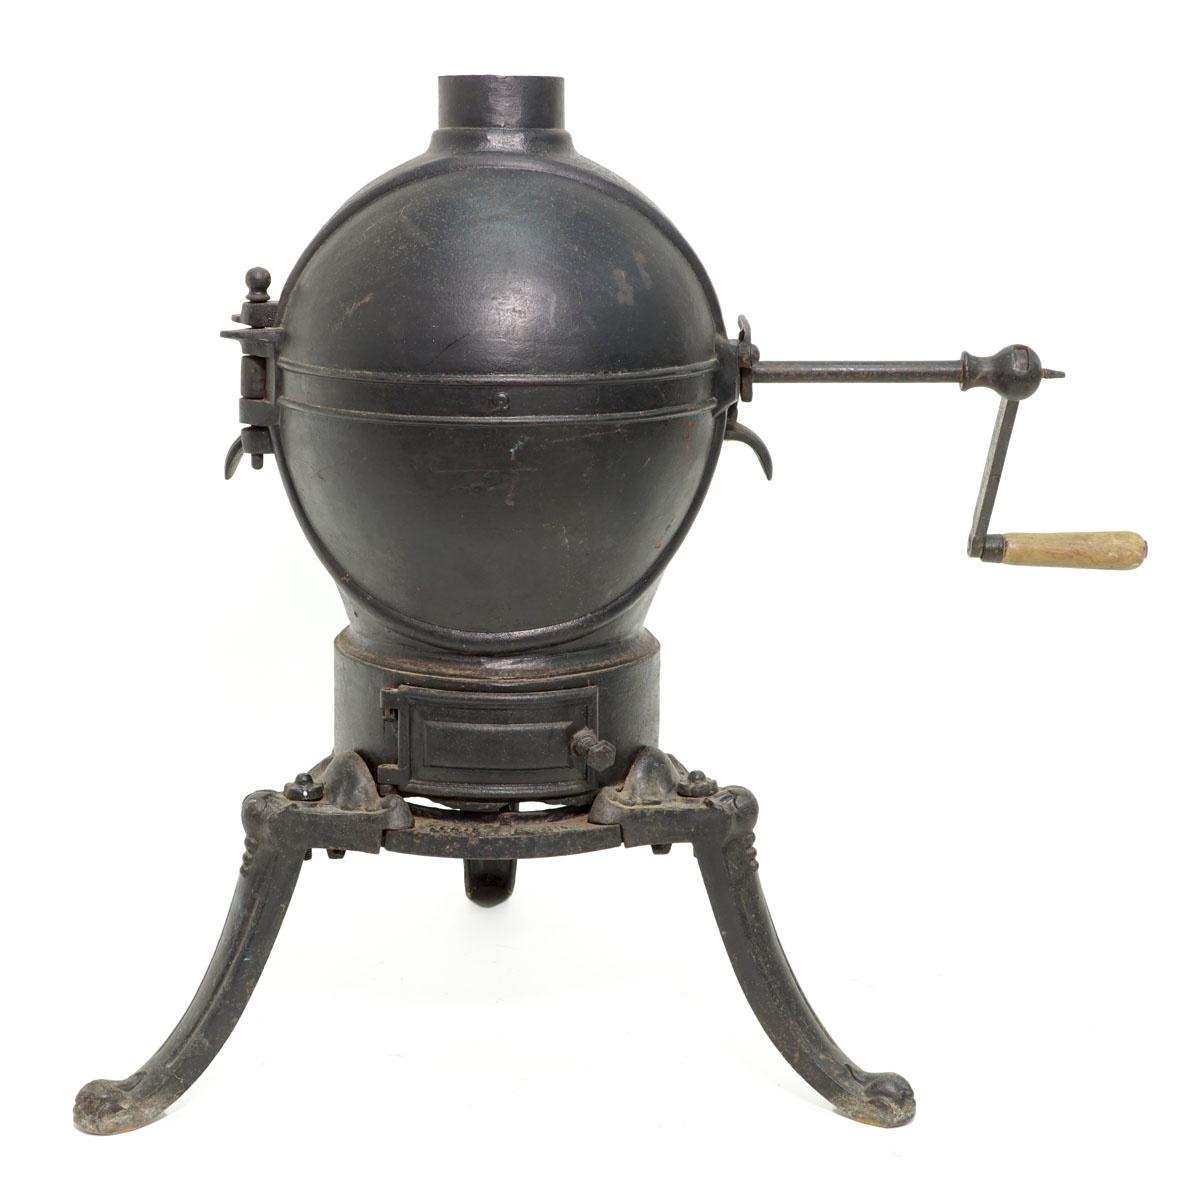 Photographie du torréfacteur n° 2 : l'appareil en fonte de fer est composé d'une